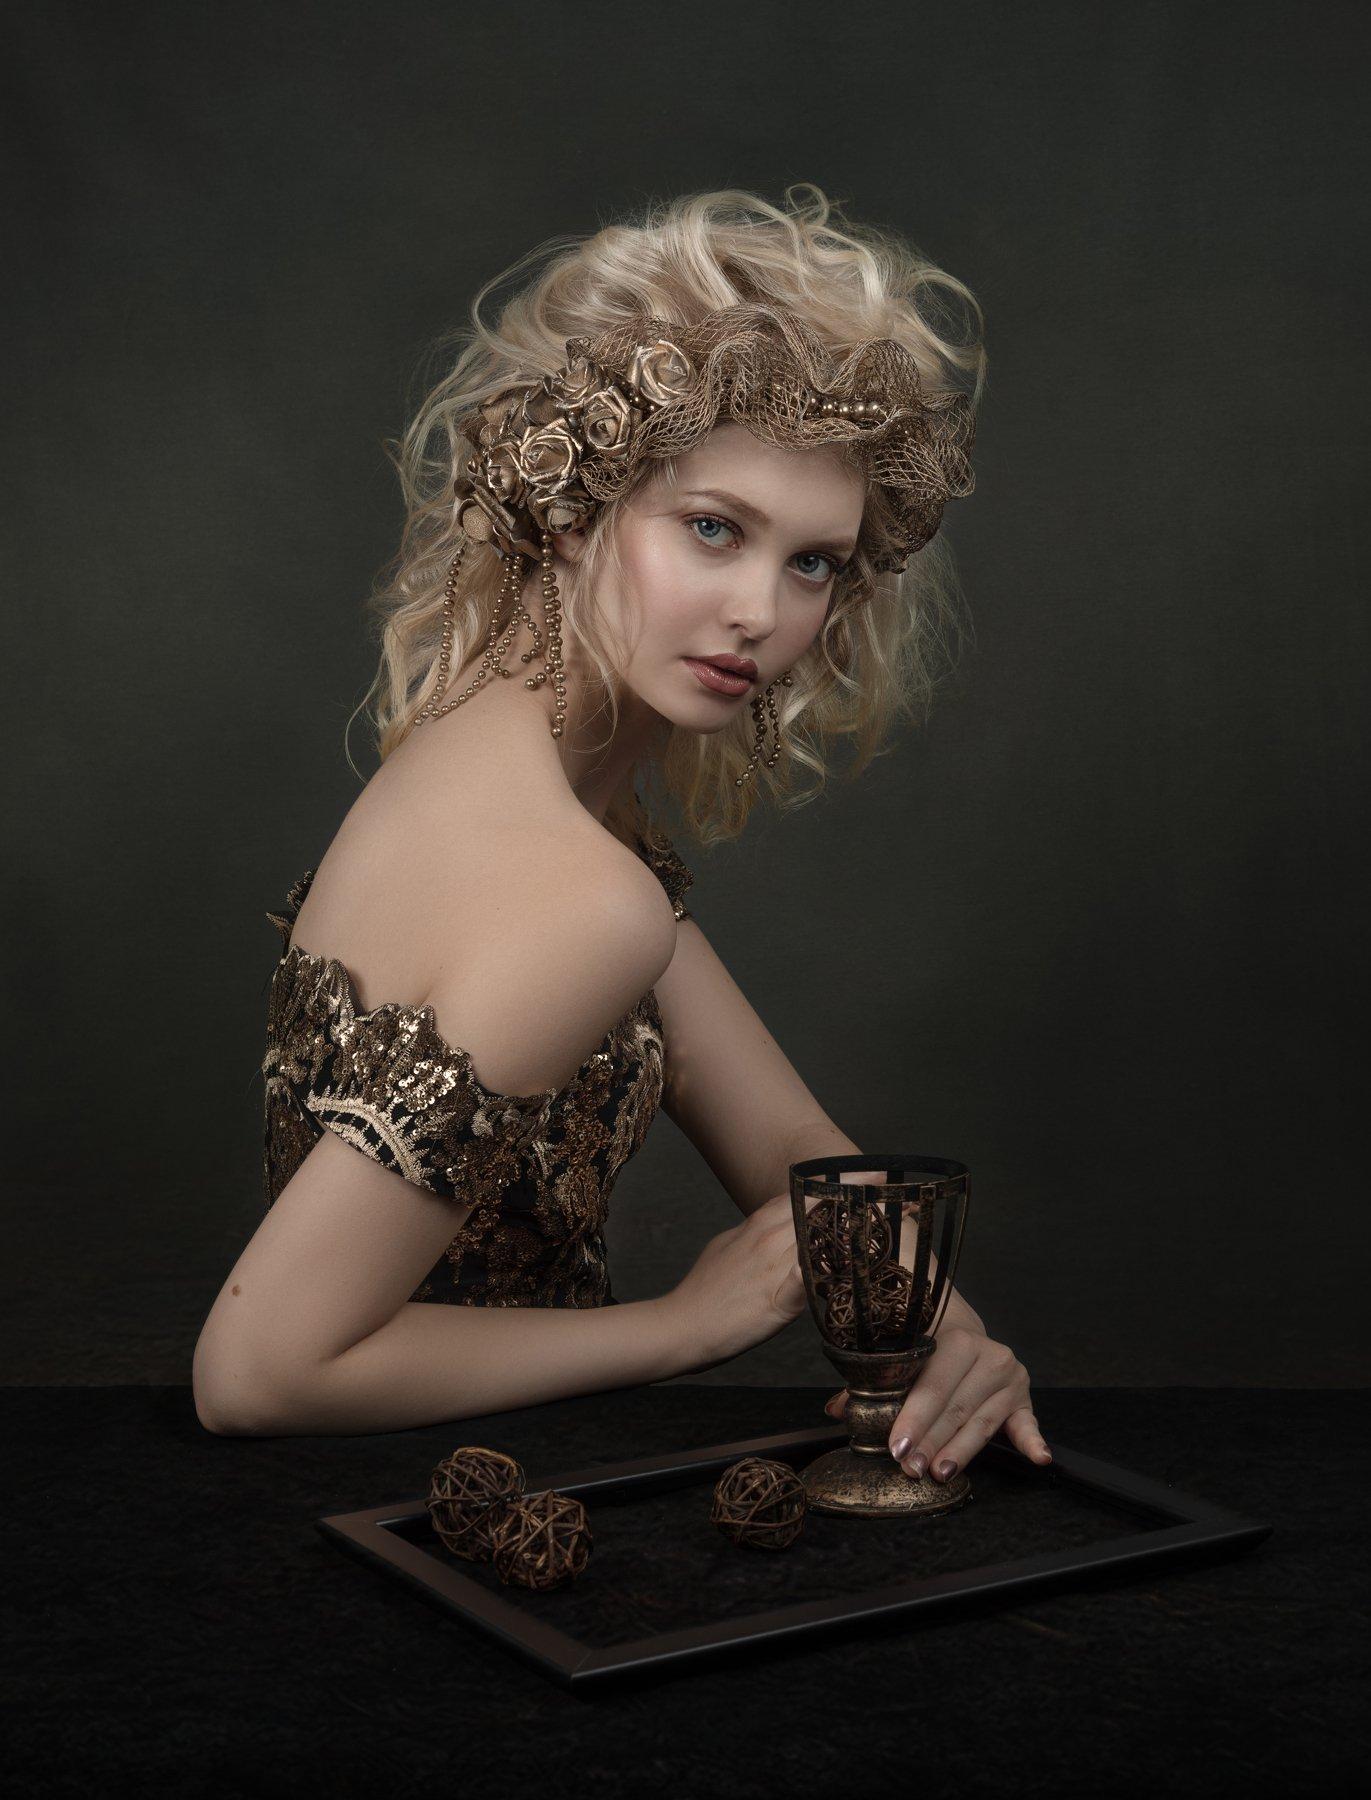 fine art , постановочная фотография ,жанровый портрет,, Kholodova Natalia